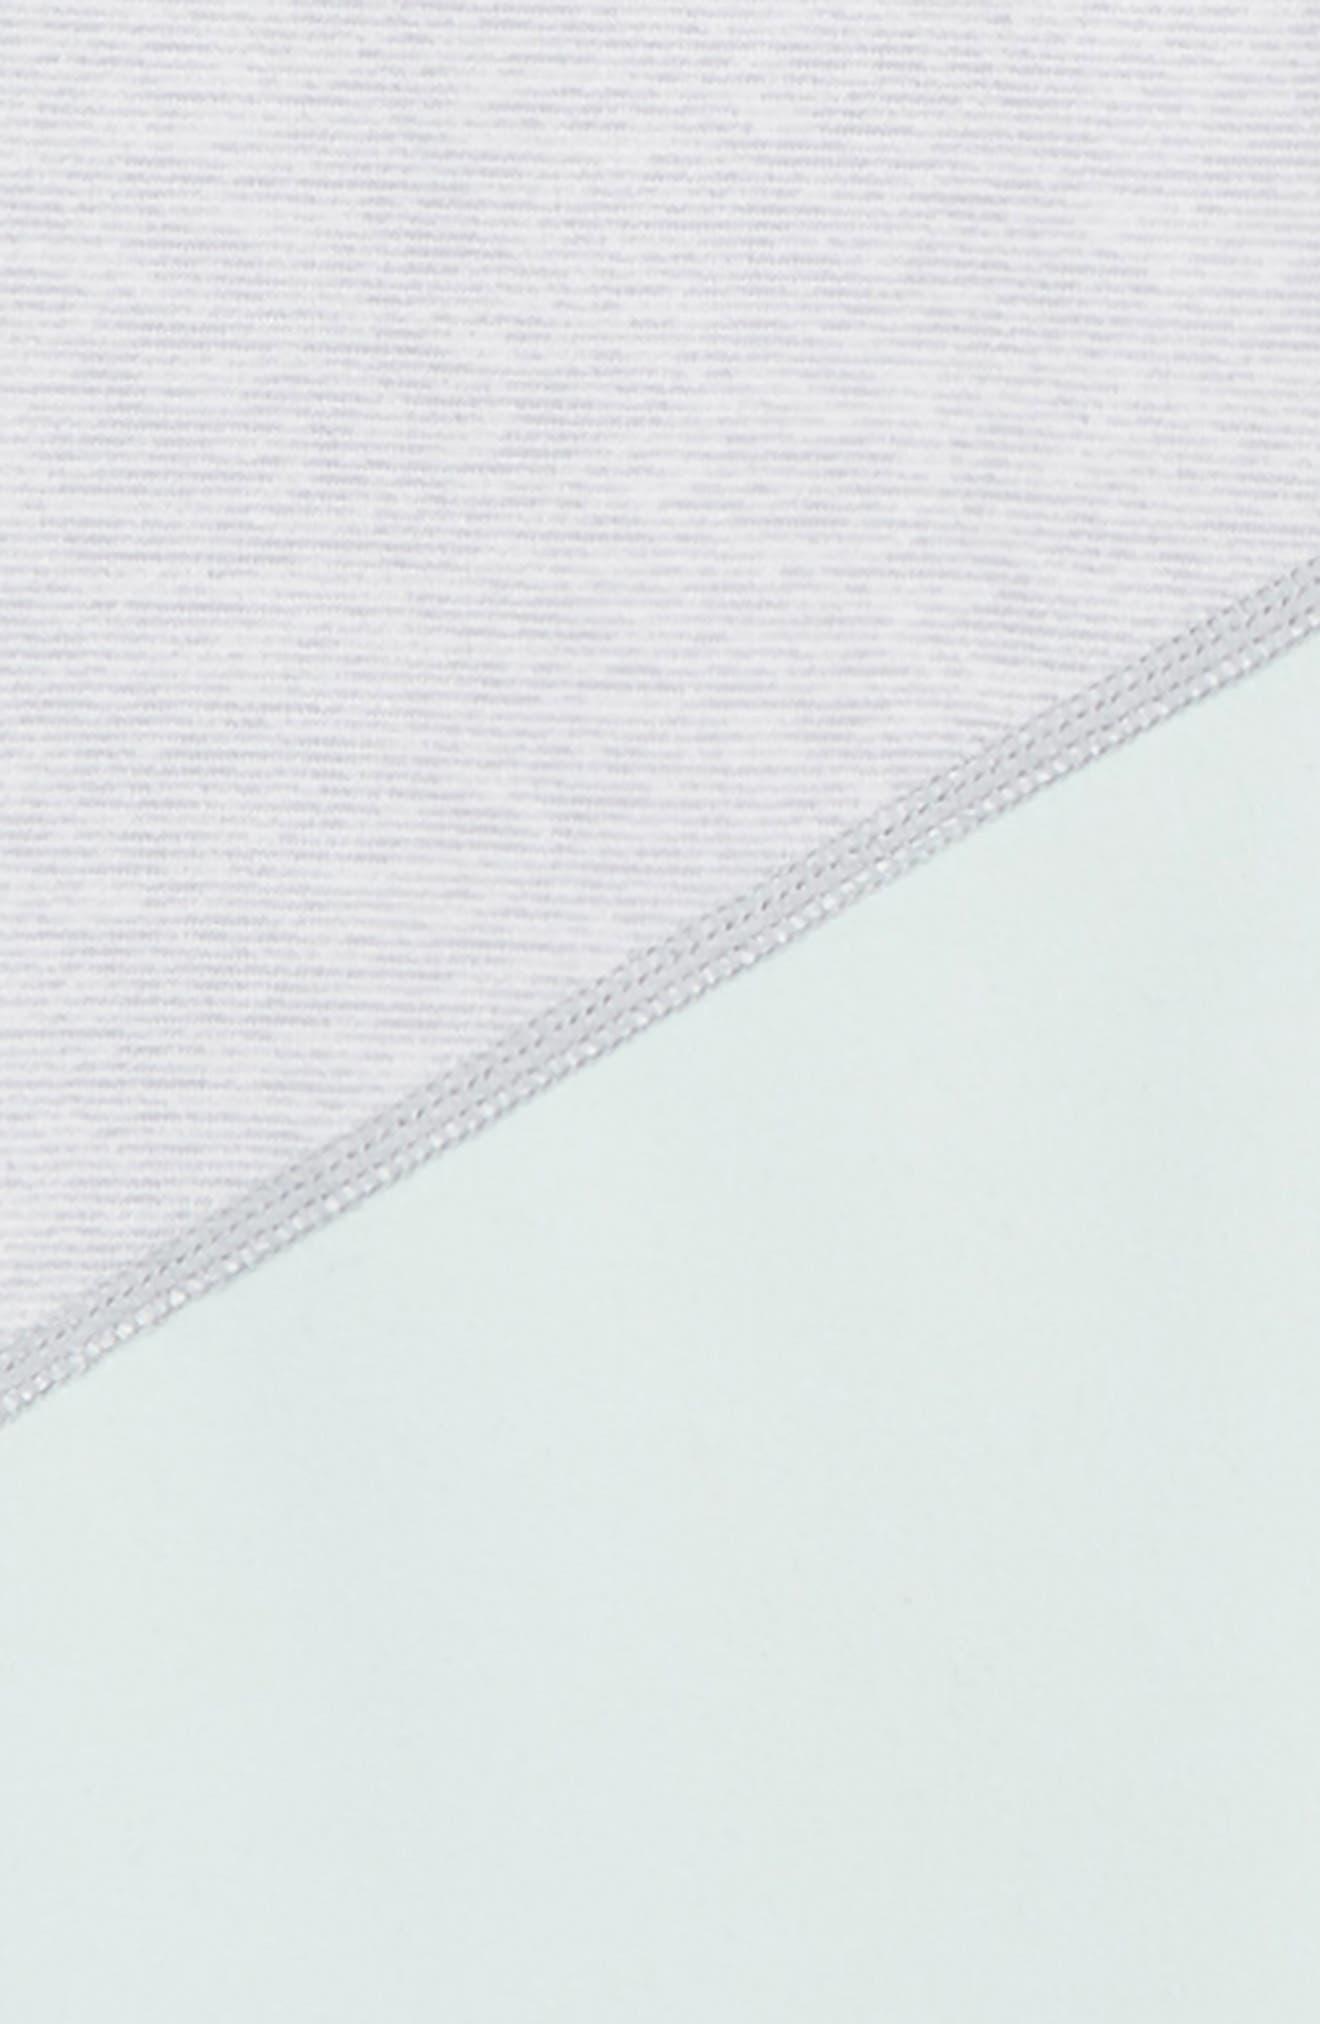 ZELLA GIRL, Stripe Leggings, Alternate thumbnail 2, color, BLUE PEARL- WHITE